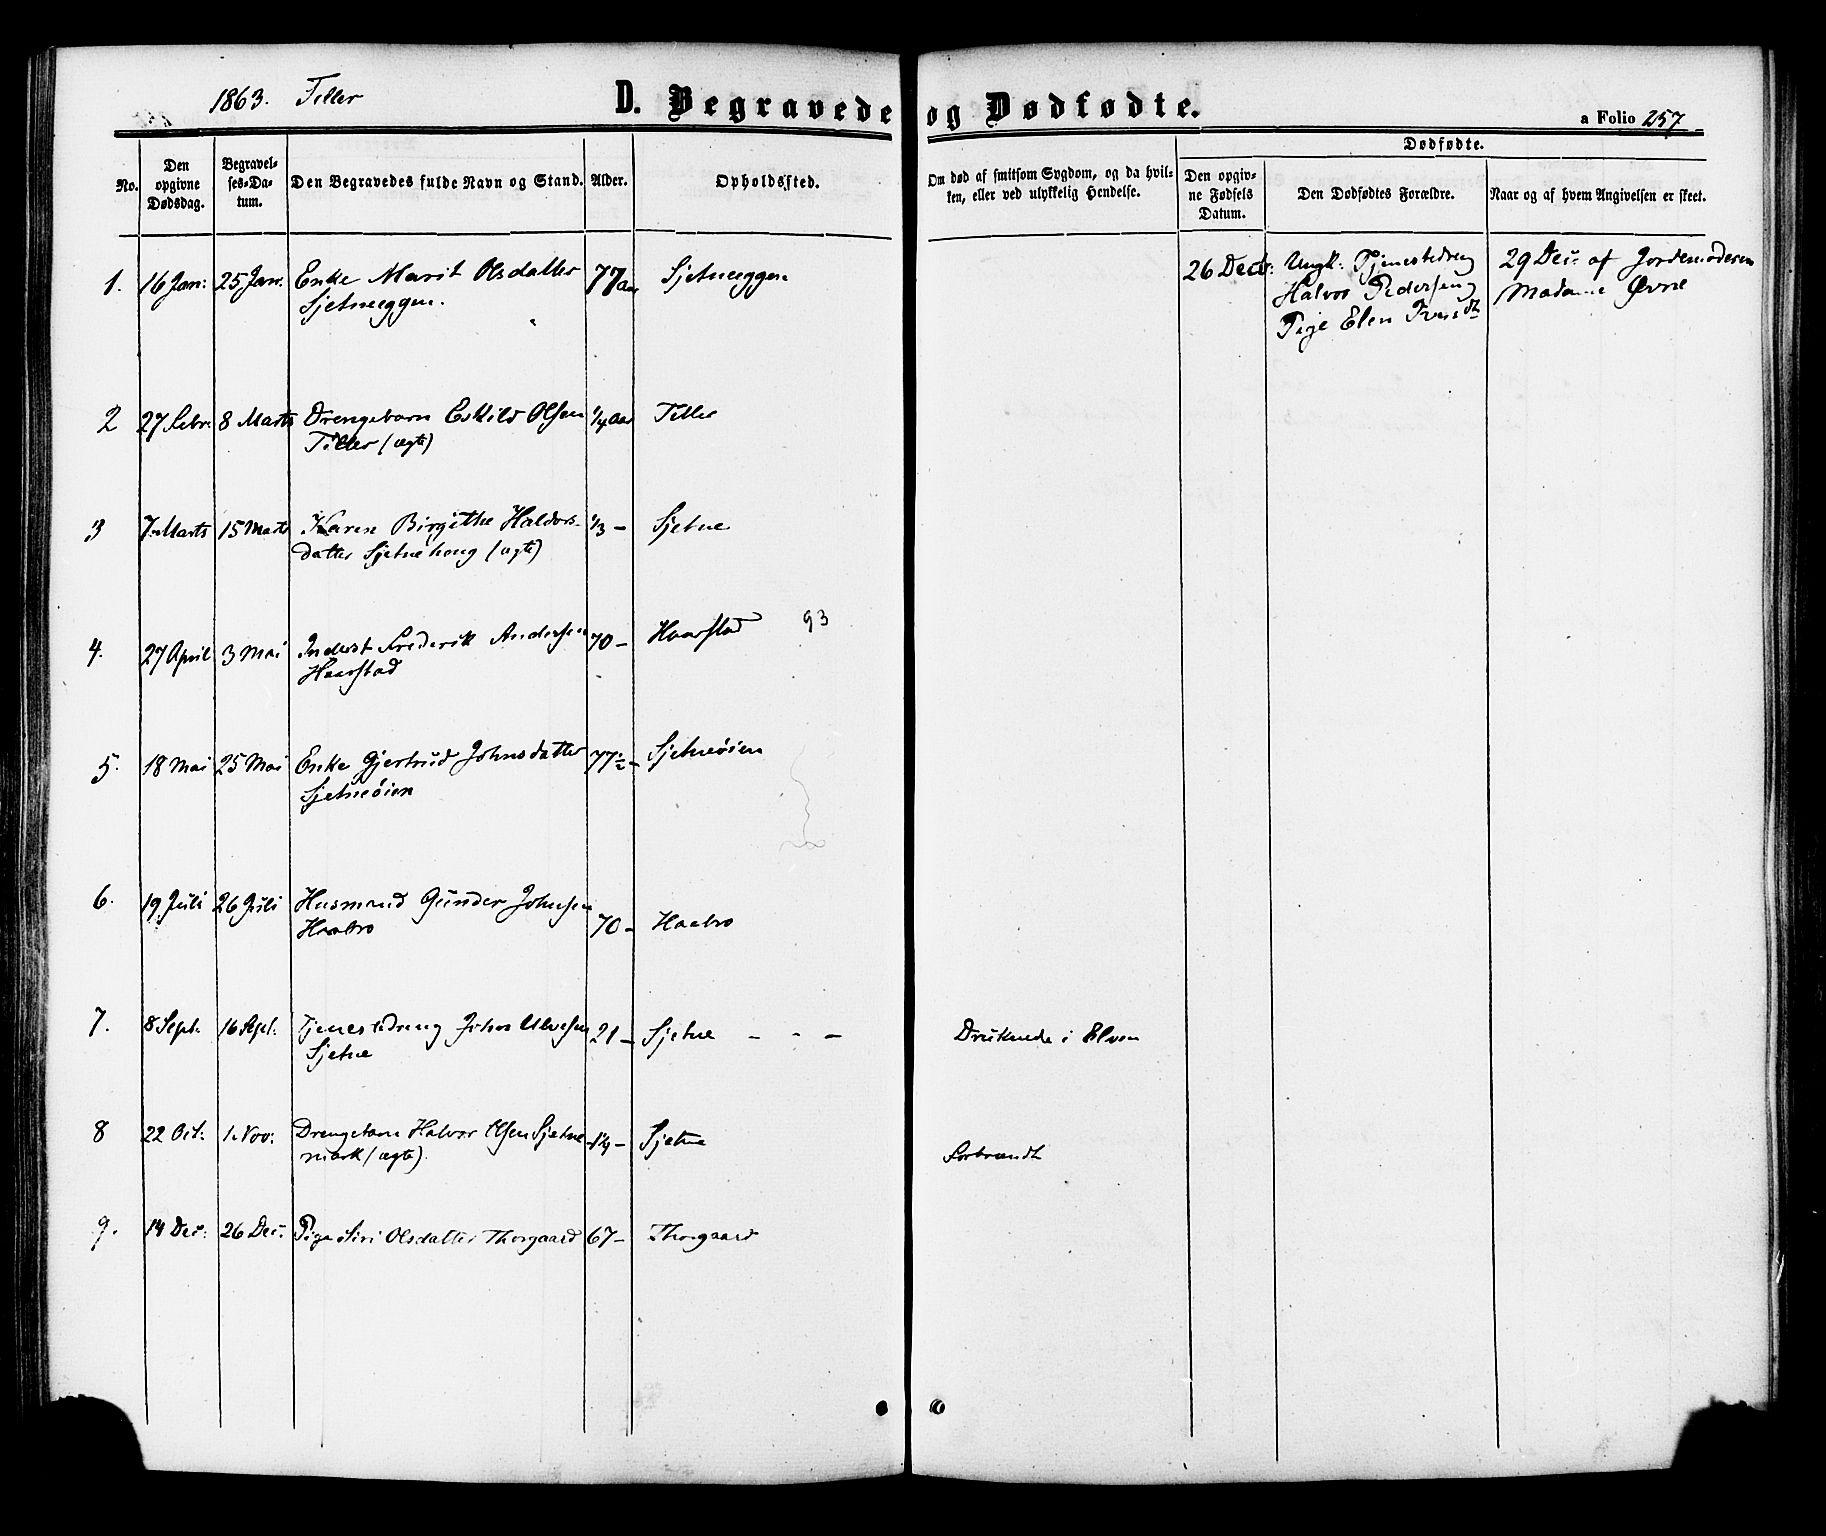 SAT, Ministerialprotokoller, klokkerbøker og fødselsregistre - Sør-Trøndelag, 618/L0443: Ministerialbok nr. 618A06 /2, 1863-1879, s. 257